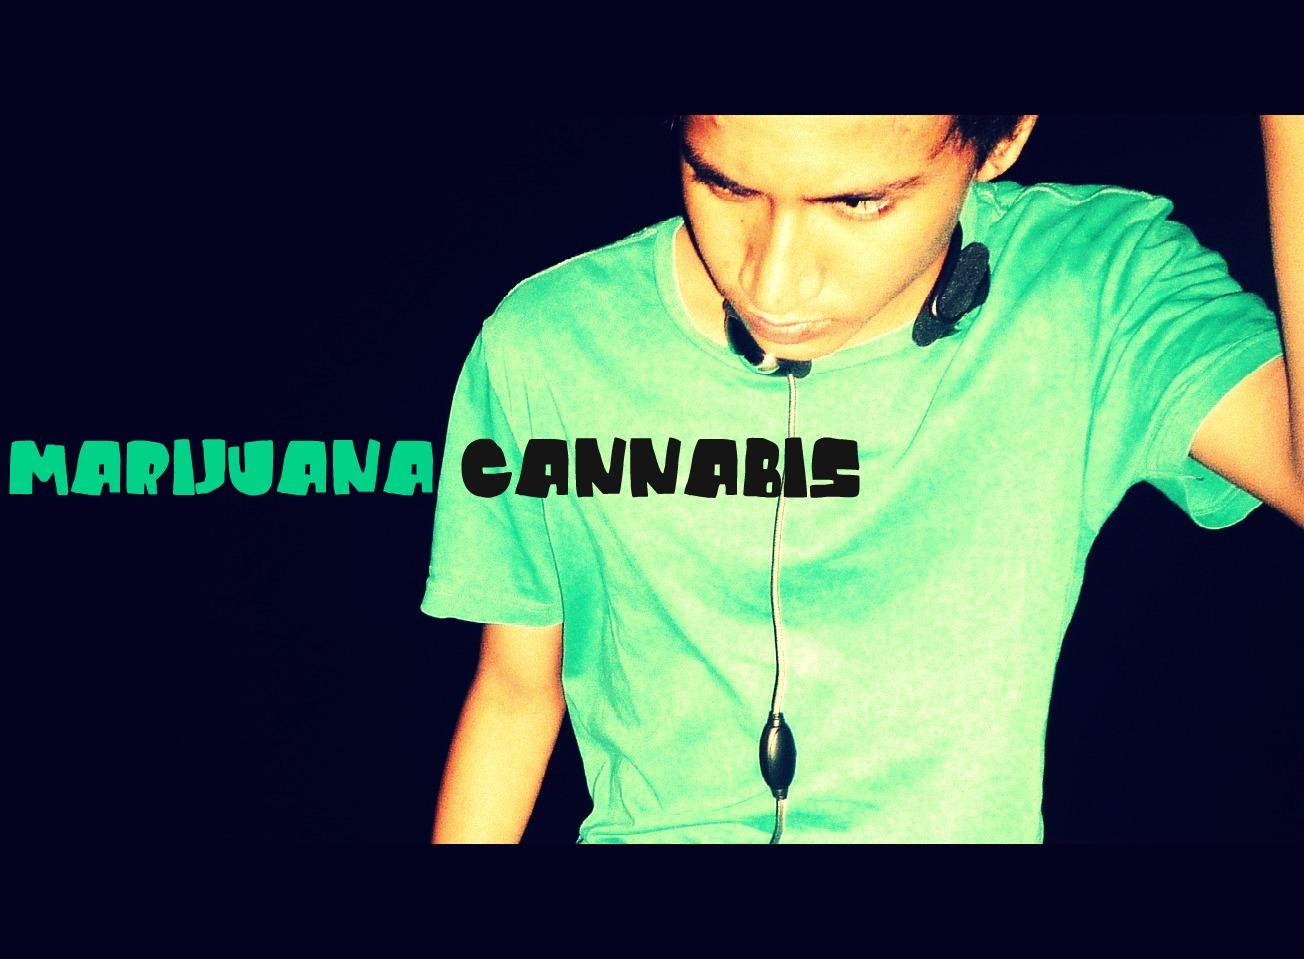 marijauna cannabis